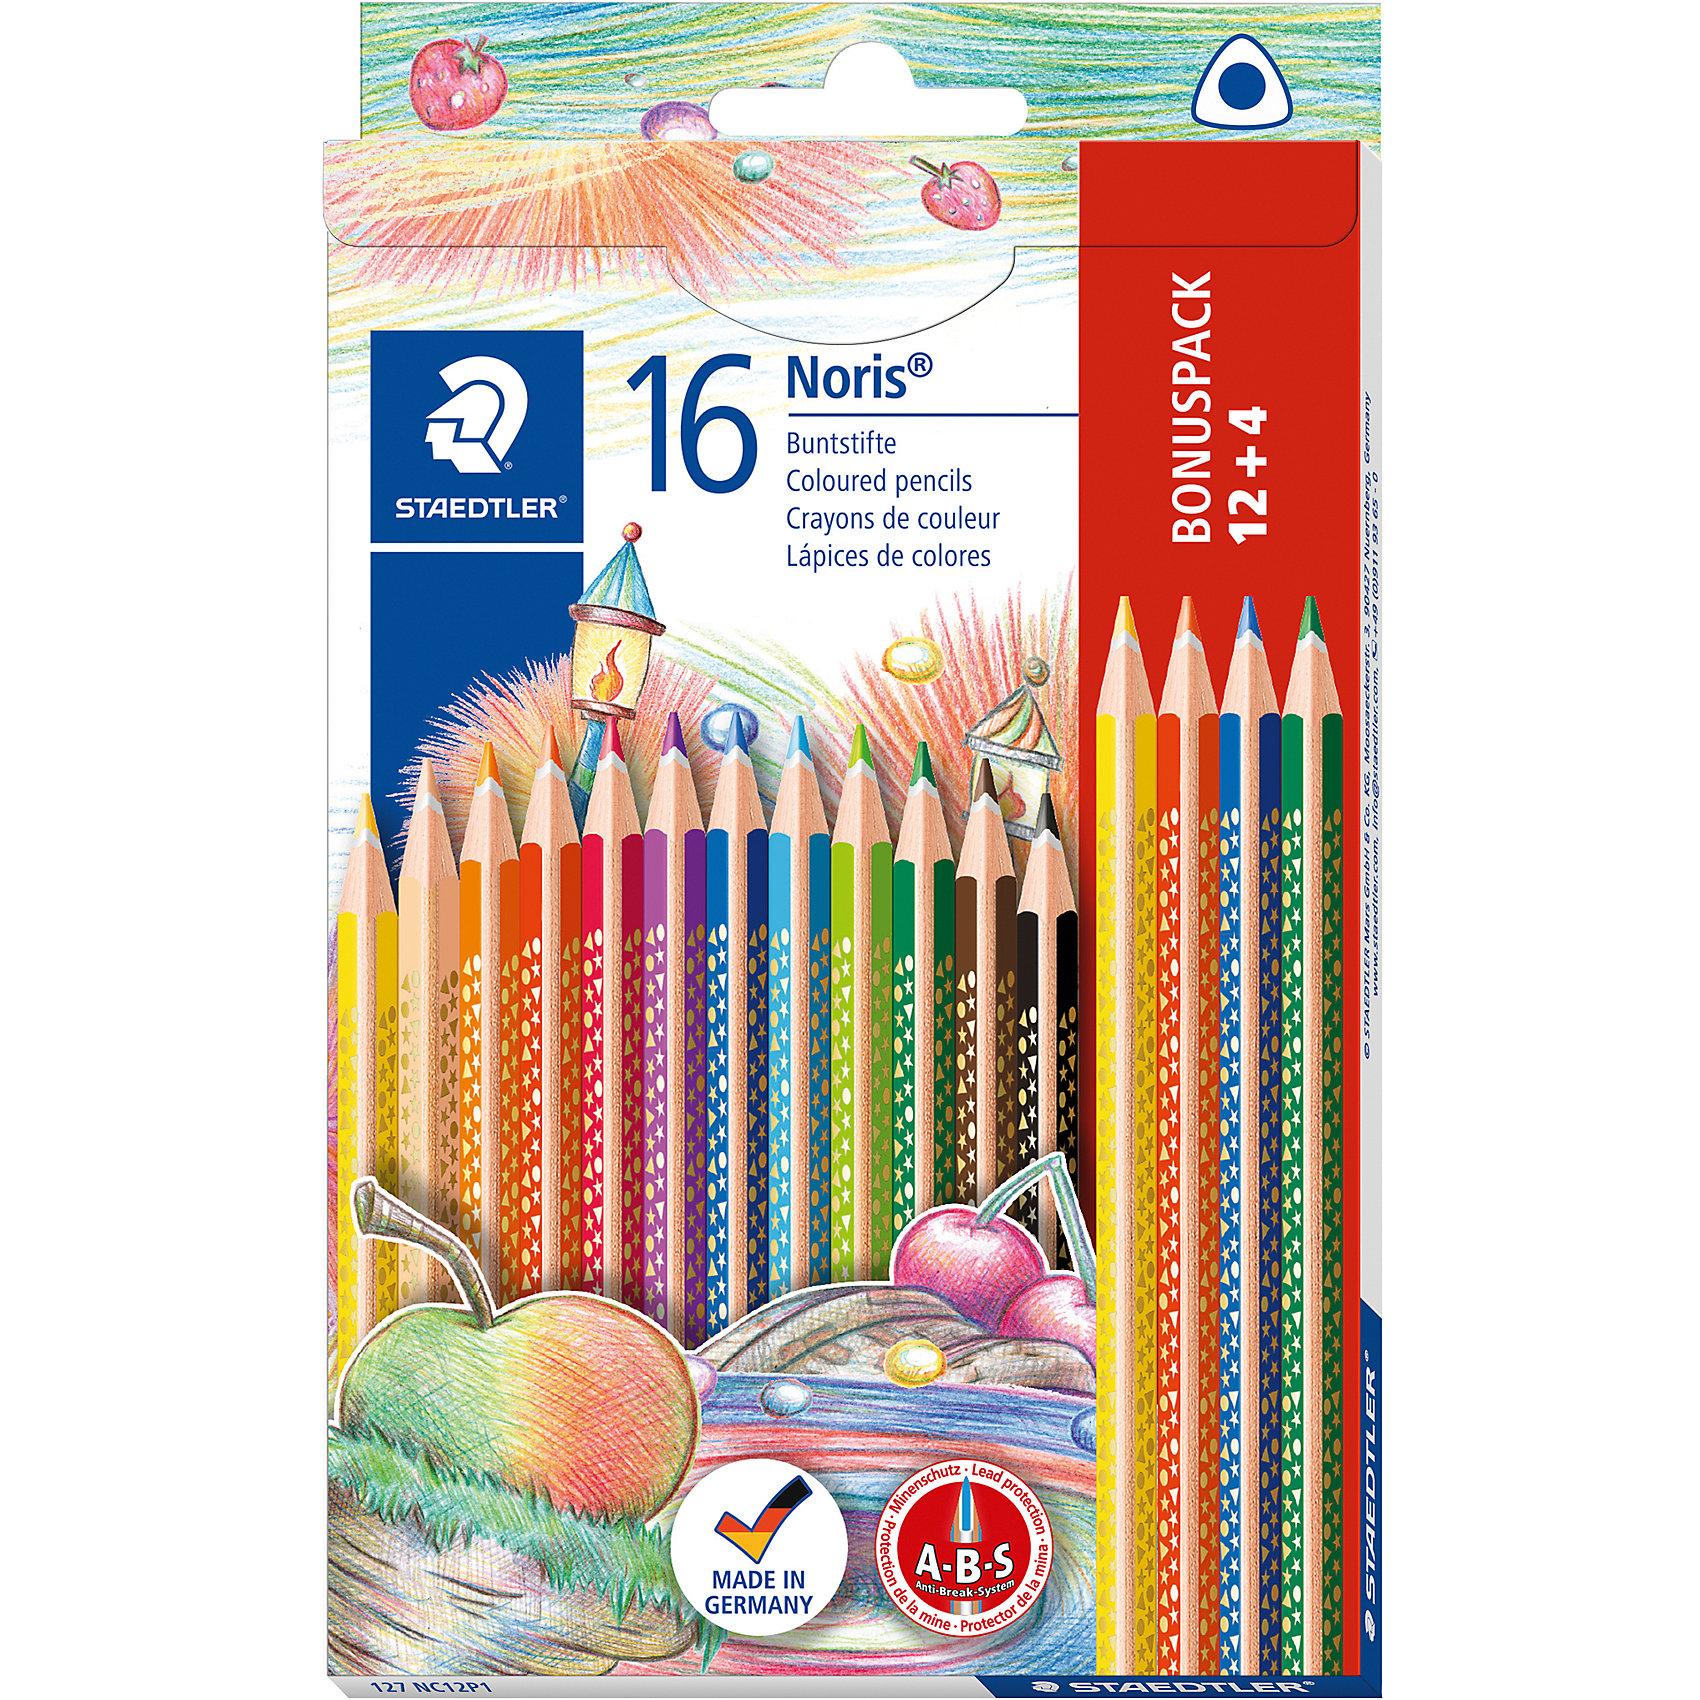 Набор цветных карандашей Noris Club трехгранные, 12 цветов, 16 шт.Рисование<br>Набор цветных карандашей Noris Club® 127 серии. Промоупаковка 16 шт., 12 + 4 - бесплатно (127-1,2,3,5). Эргономичная трехгранная форма для удобного и легкого письма. A-B-S - белое защитное покрытие для укрепления грифеля и для защиты от поломки. Привлекательный дизайн звезды с полем для имени. Очень мягкий и яркий грифель. При производстве используется древесина сертифицированных и специально подготовленных лесов.<br><br>Ширина мм: 195<br>Глубина мм: 116<br>Высота мм: 13<br>Вес г: 89<br>Возраст от месяцев: 60<br>Возраст до месяцев: 120<br>Пол: Унисекс<br>Возраст: Детский<br>SKU: 4046421